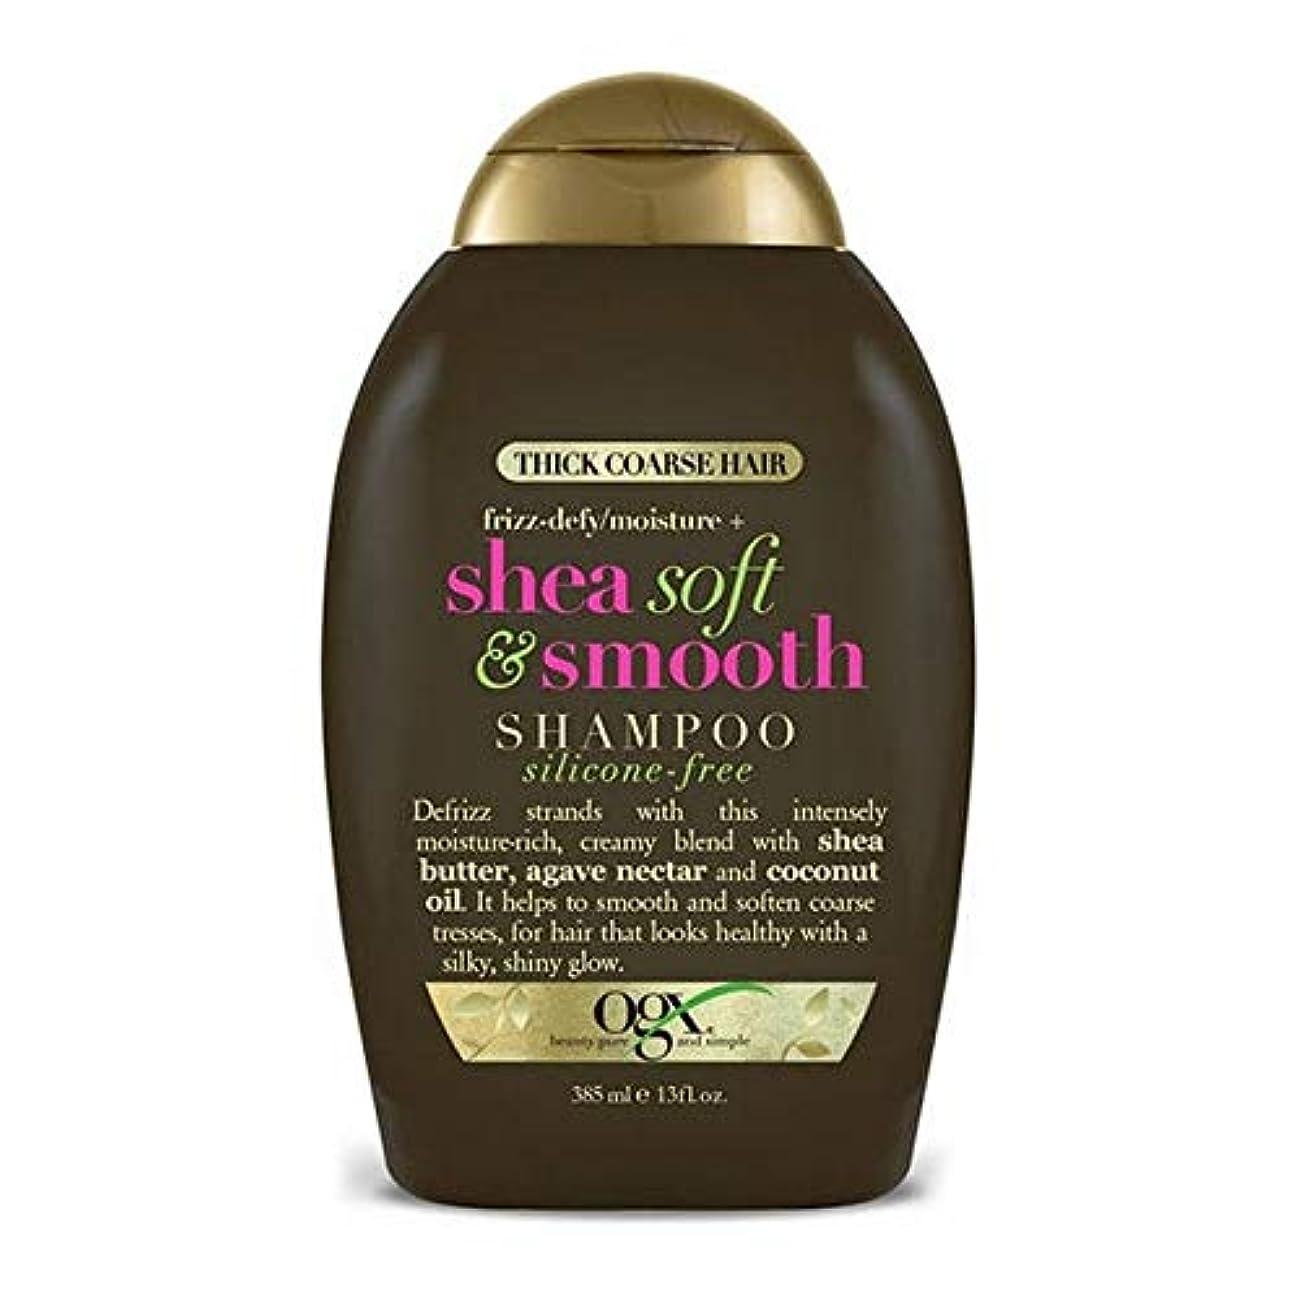 男朝食を食べる追い付く[Ogx] Ogxシリコンフリーシアソフトで滑らかなシャンプー385ミリリットル - OGX Silicone-Free Shea Soft and Smooth Shampoo 385ml [並行輸入品]